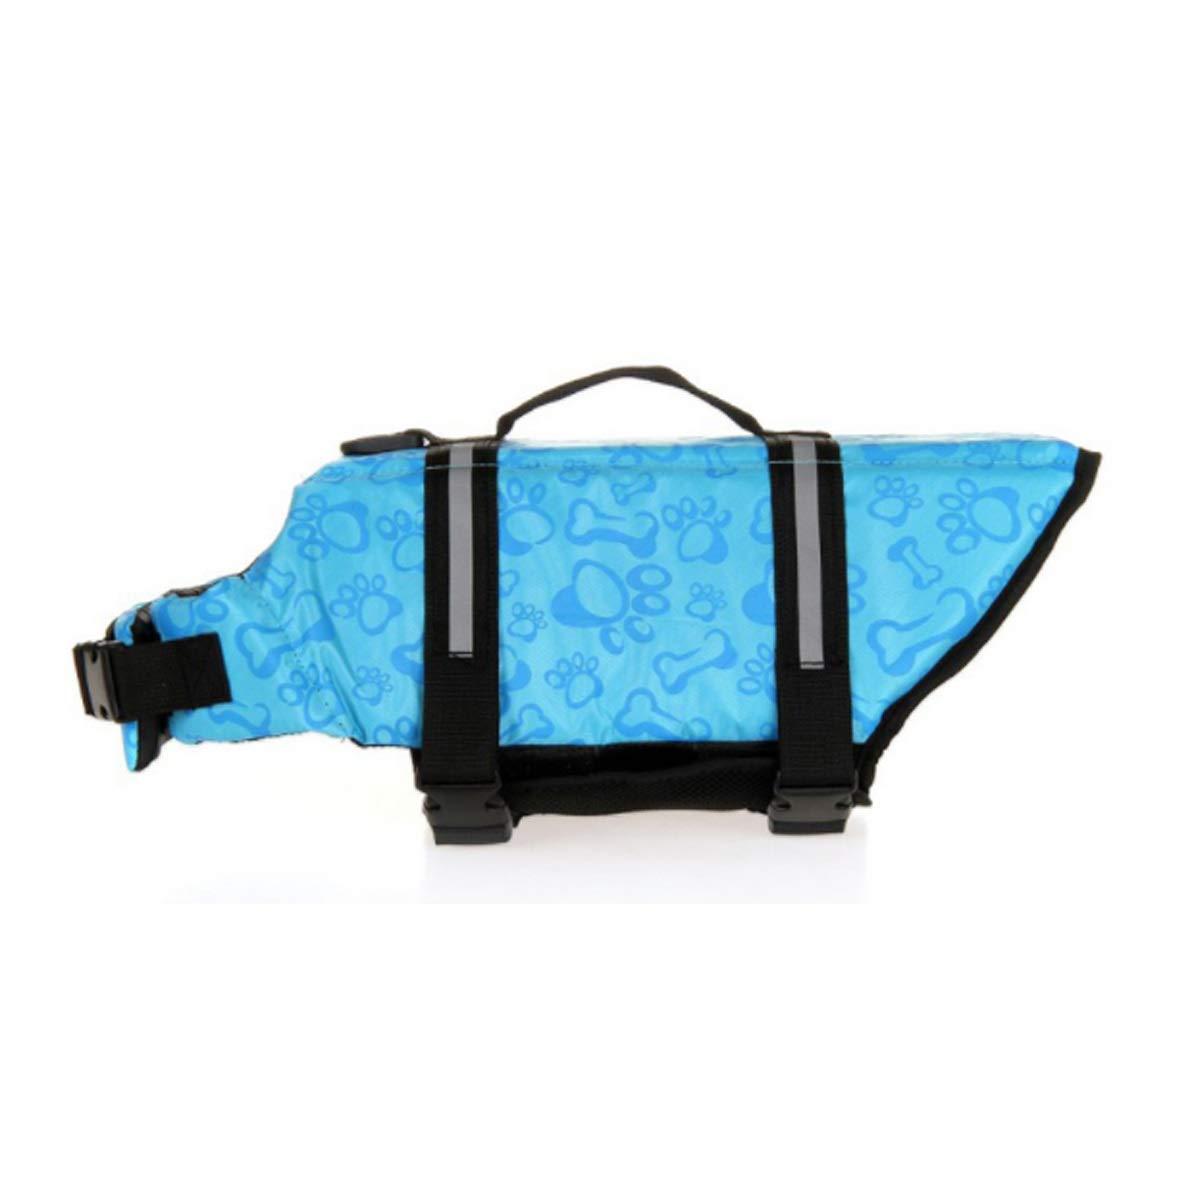 bluee M bluee M Pet Dog Swimsuit, Dog Life Jacket, Large Dog Medium Dog Small Dog Safety Clothing (color   bluee, Size   M)